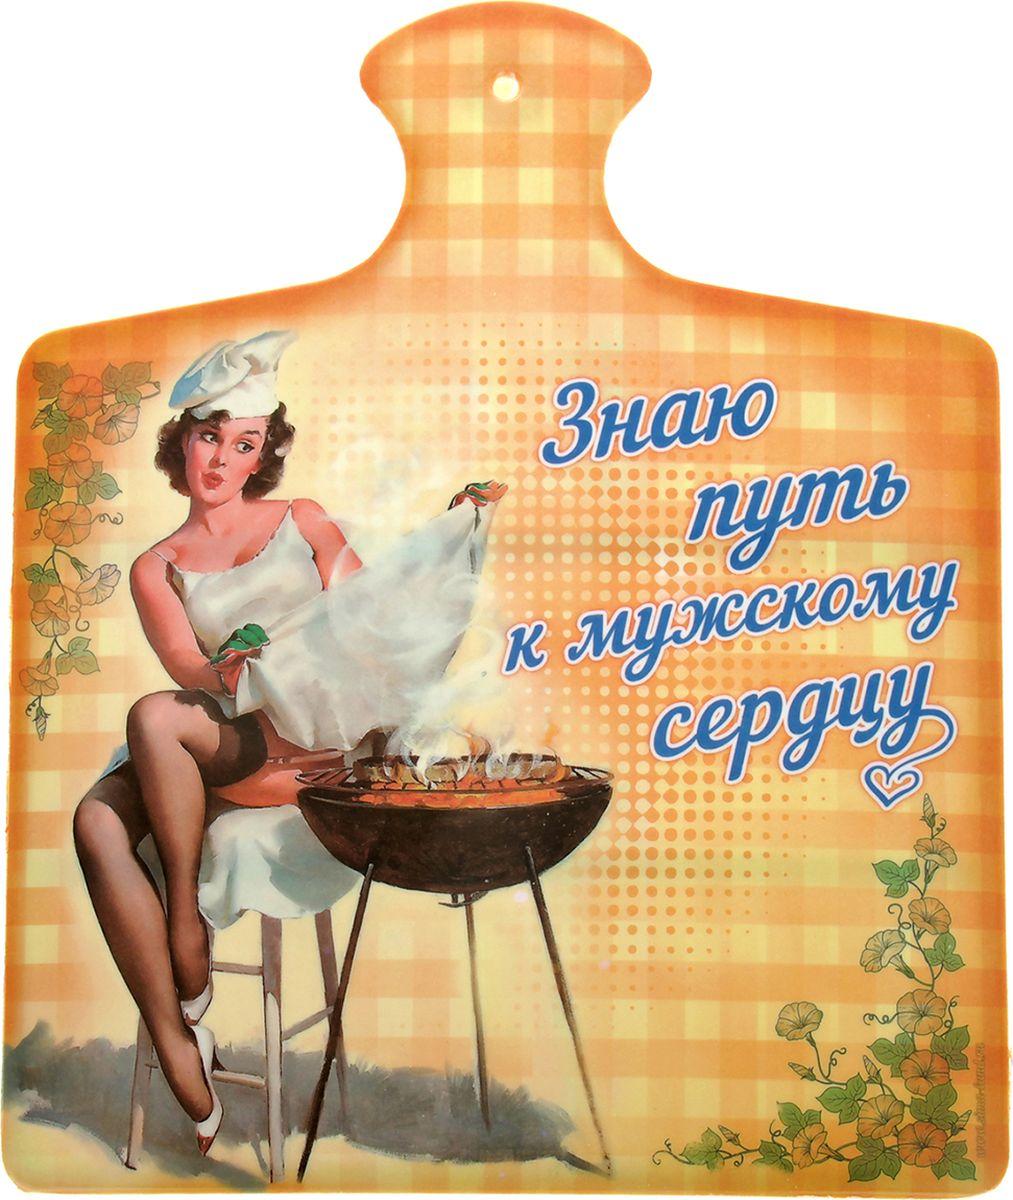 Это один из самых необходимых предметов на кухне, без нее трудно обойтись при приготовлении пищи. Но кроме своей необходимости, она может приносить и эстетическое удовольствие, украшая собой интерьер кухни. Двухслойная доска из дерева - приятный и функциональный подарок для тех, кто любит готовить.